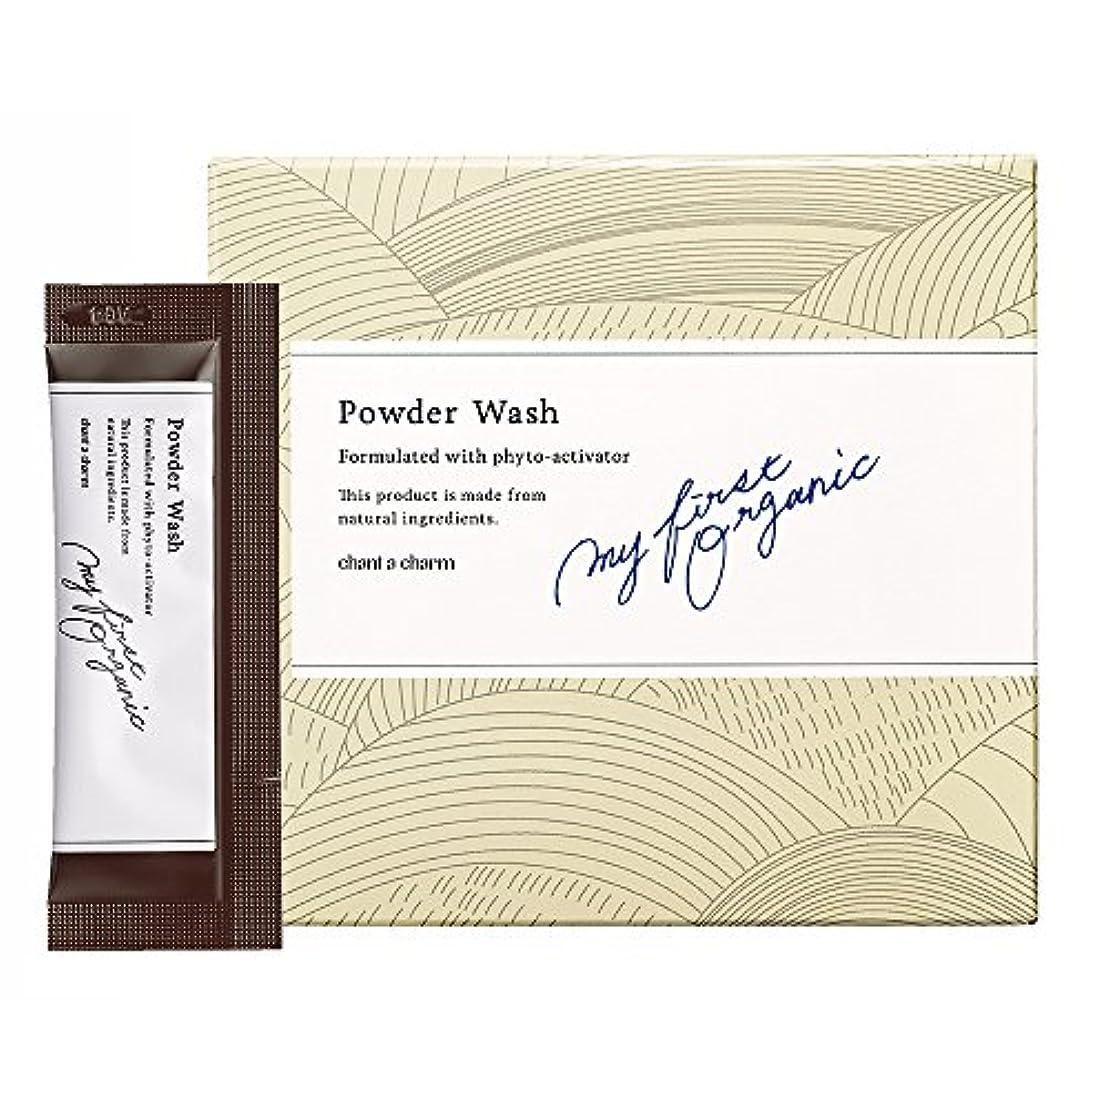 狂人魅了するタオルチャントアチャーム パウダーウォッシュ ニキビ肌用酵素洗顔 医薬部外品